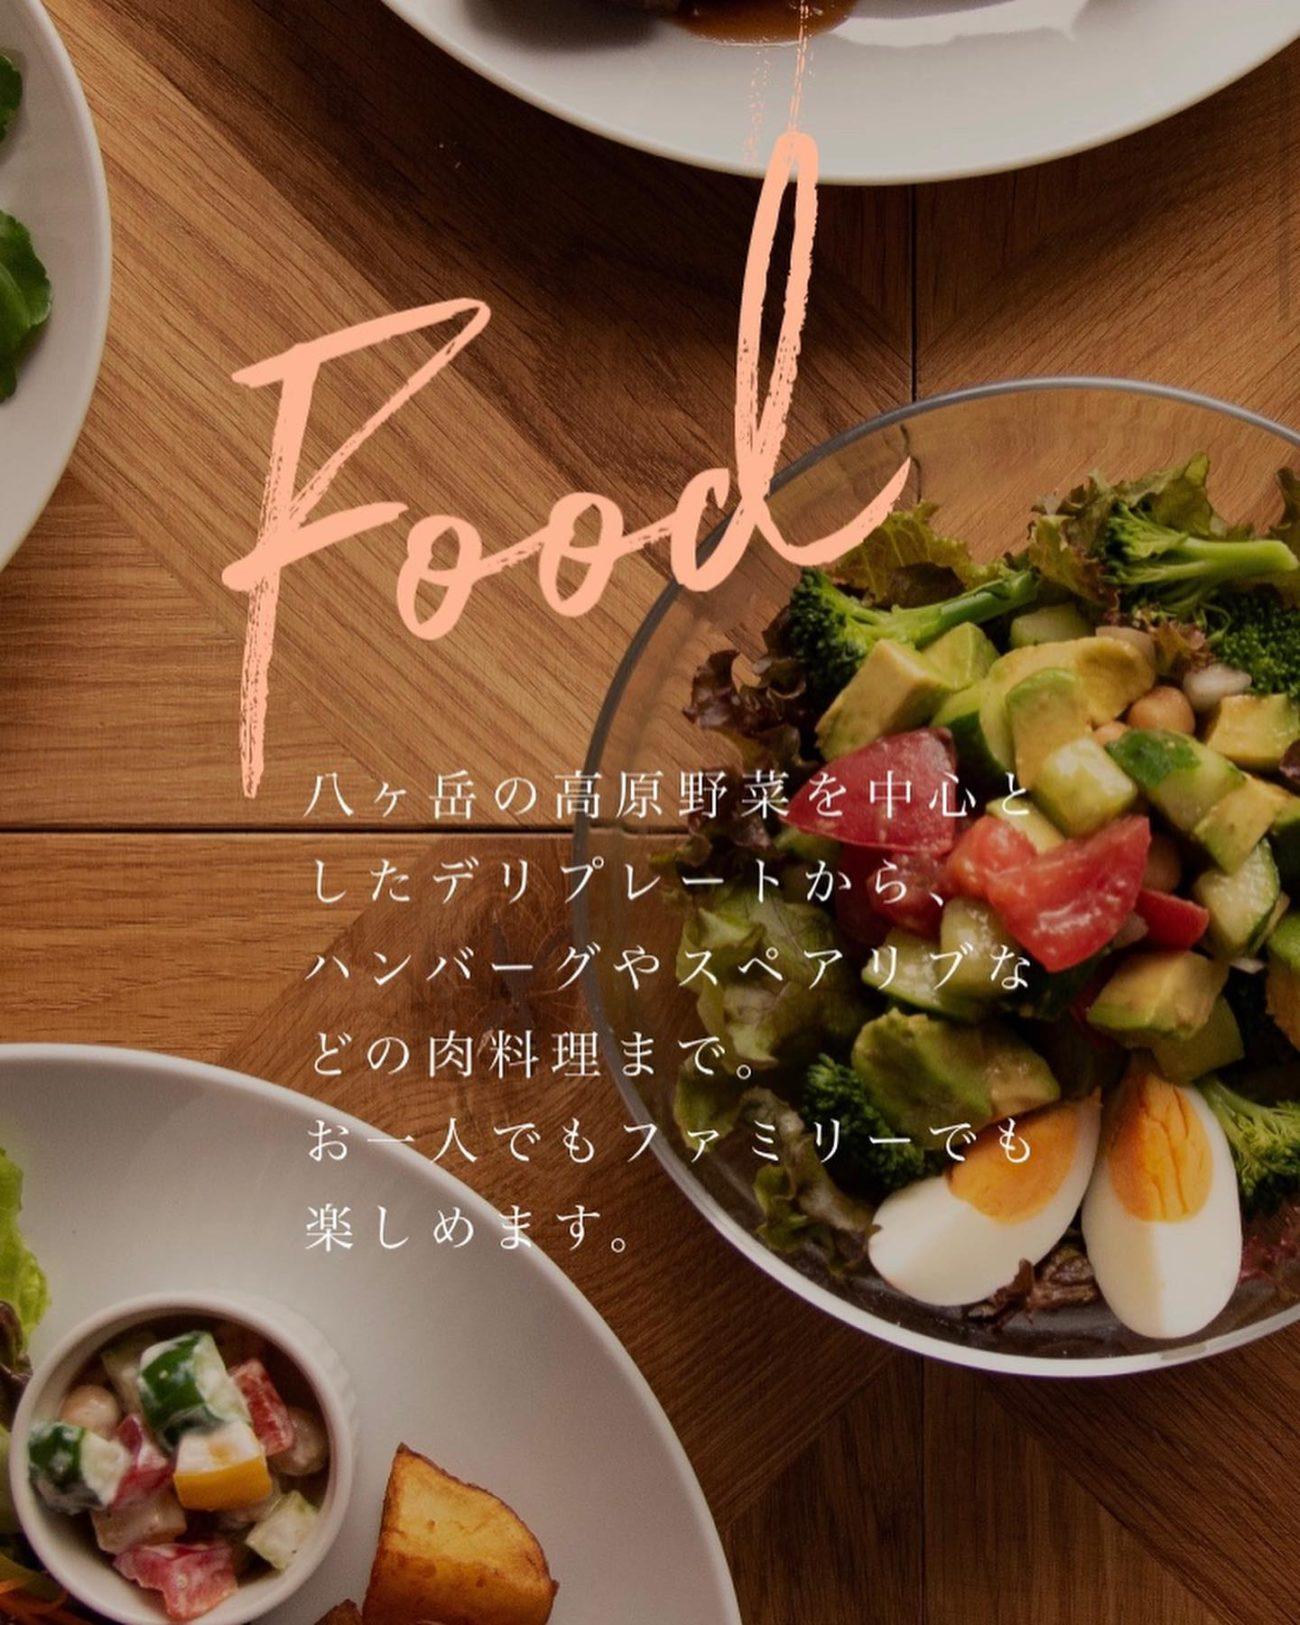 アビエス2020パートナー紹介-デリ&カフェ「K」-food